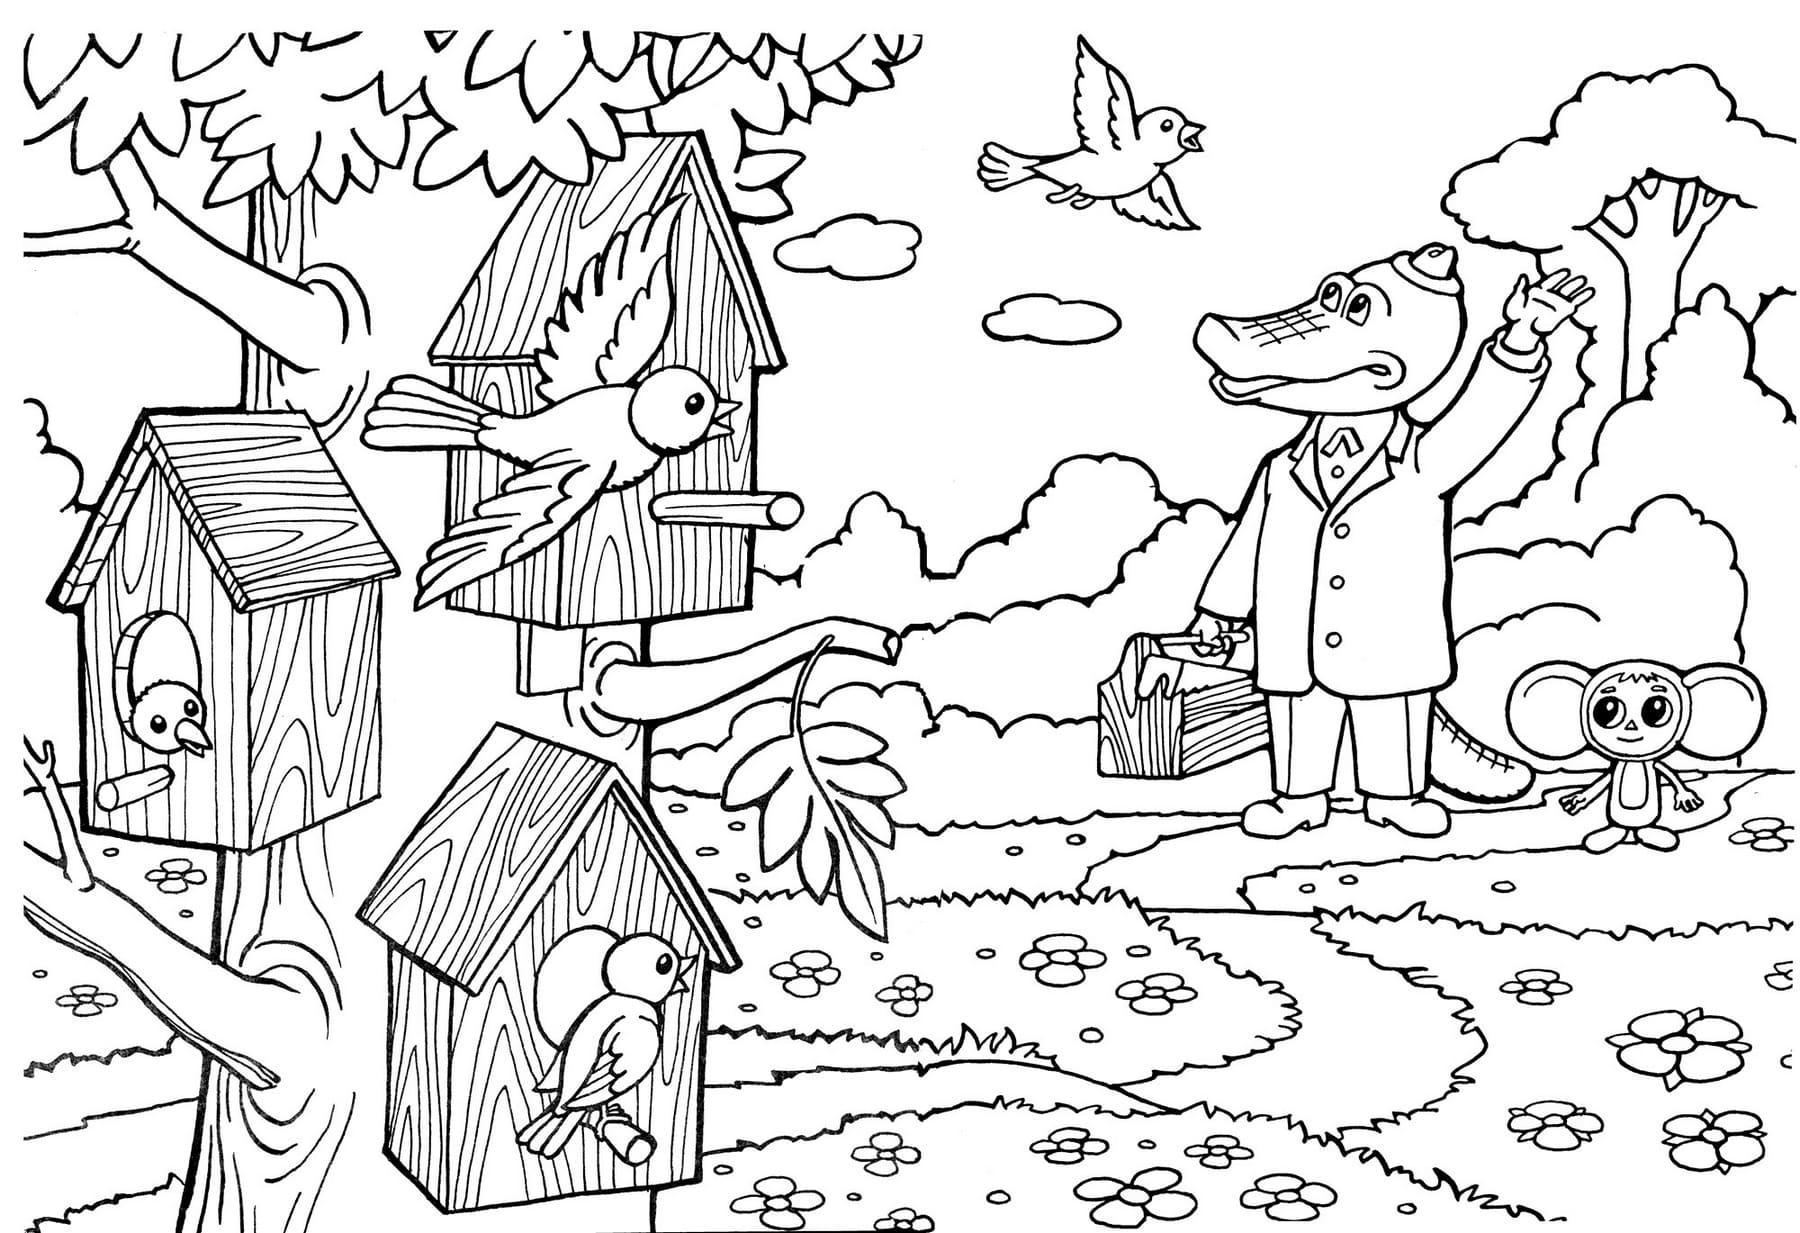 Раскраски Осень. 120 Раскрасок для детей | WONDER DAY